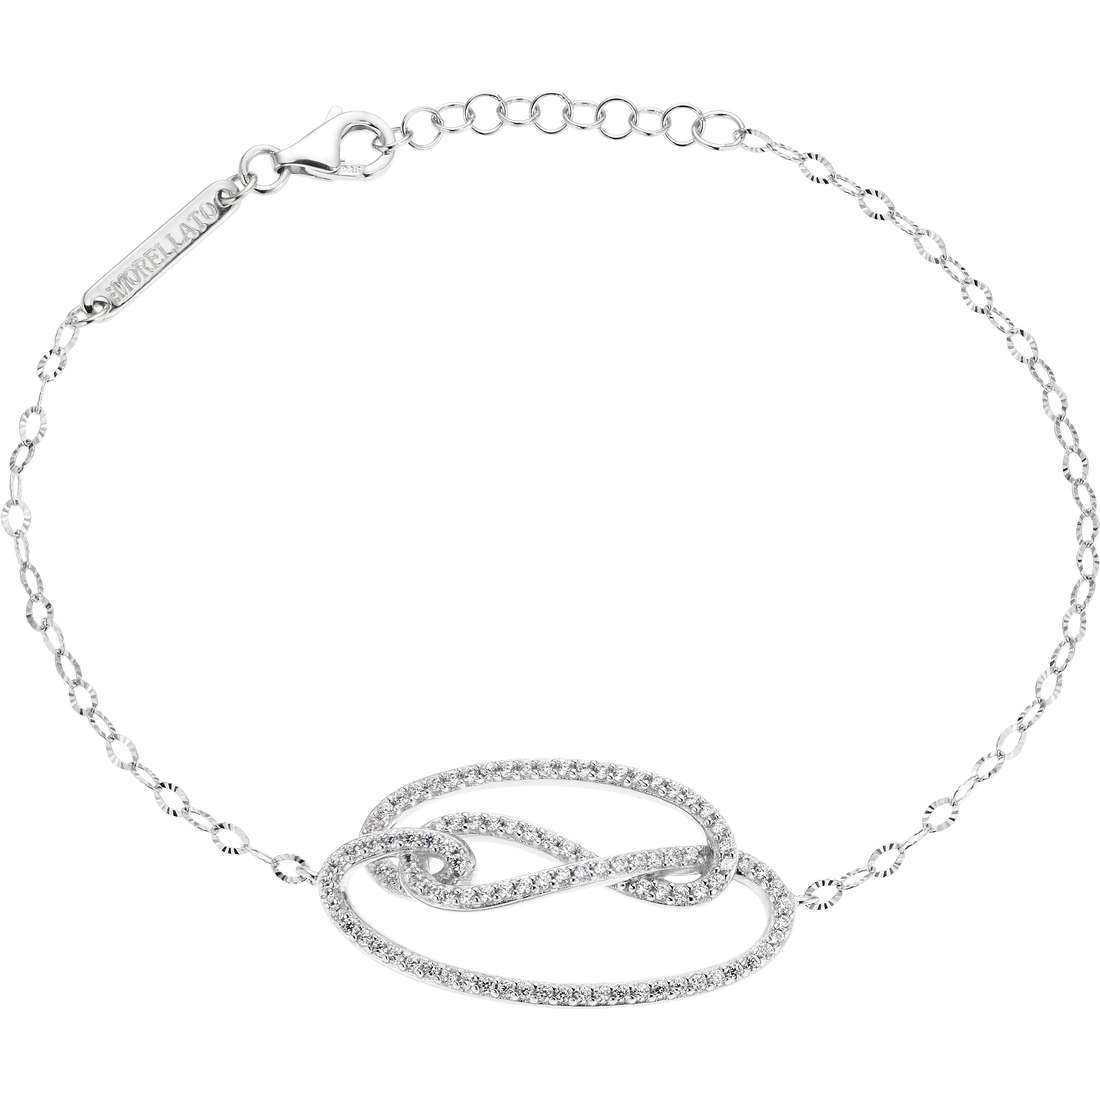 bracciale donna gioielli Morellato 1930 Michelle Hunziker SAHA08